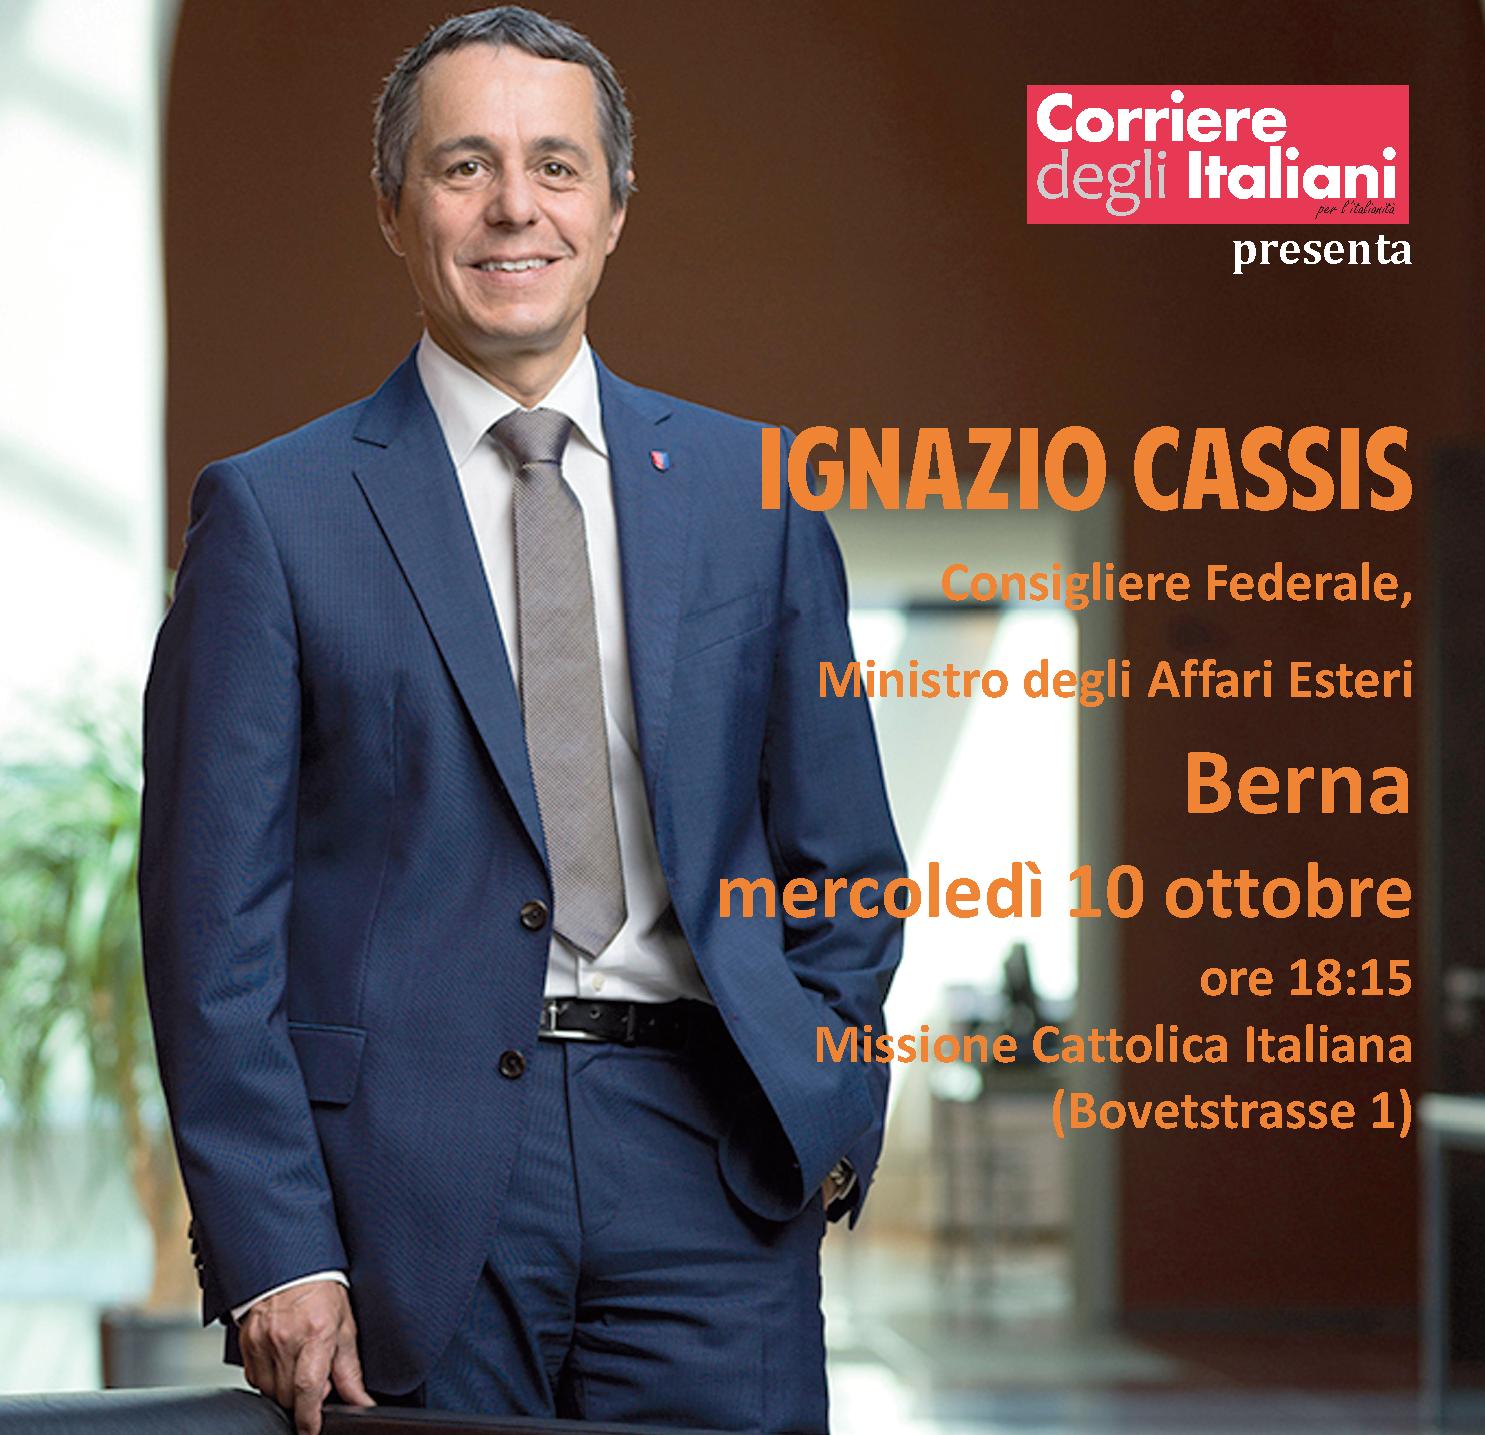 Incontro con il consigliere federale, Ignazio Cassis, 10.10.2018